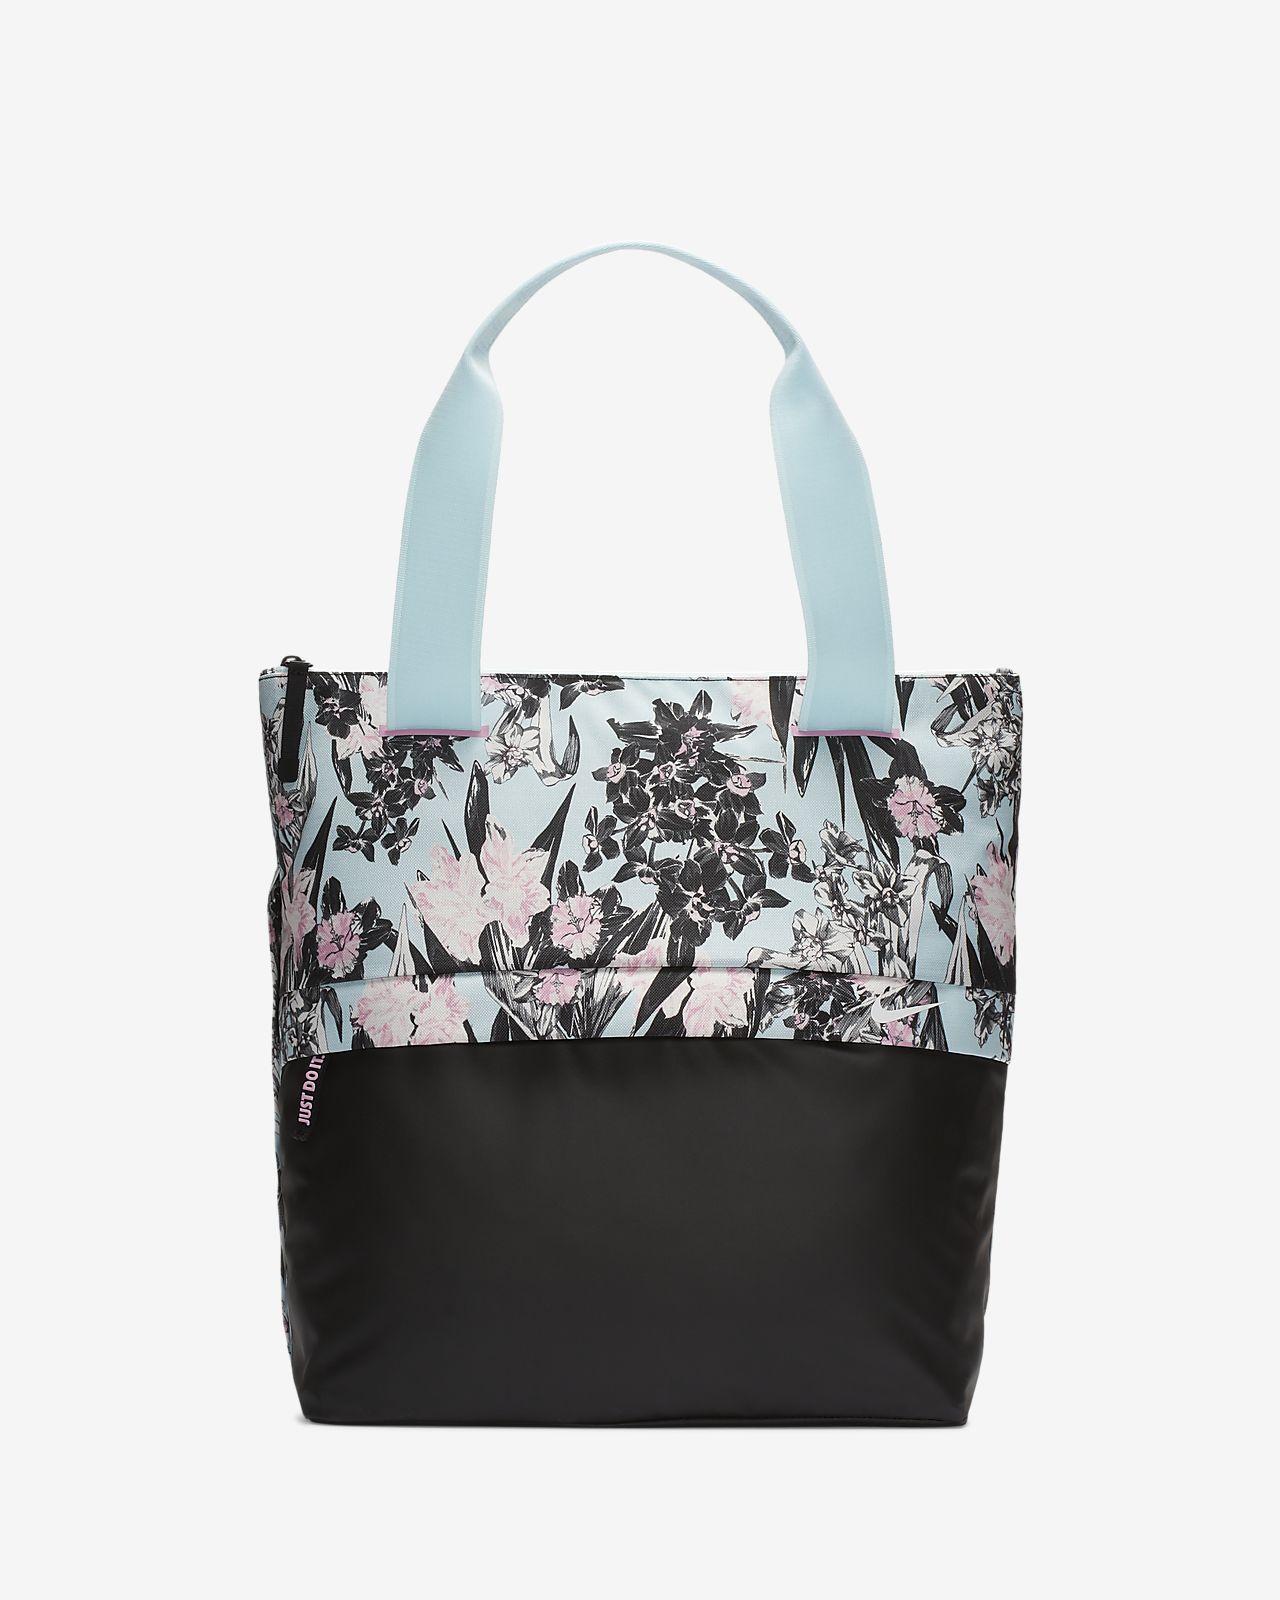 4796b194c8 Γυναικεία τσάντα ώμου για προπόνηση με φλοράλ σχέδια Nike Radiate ...